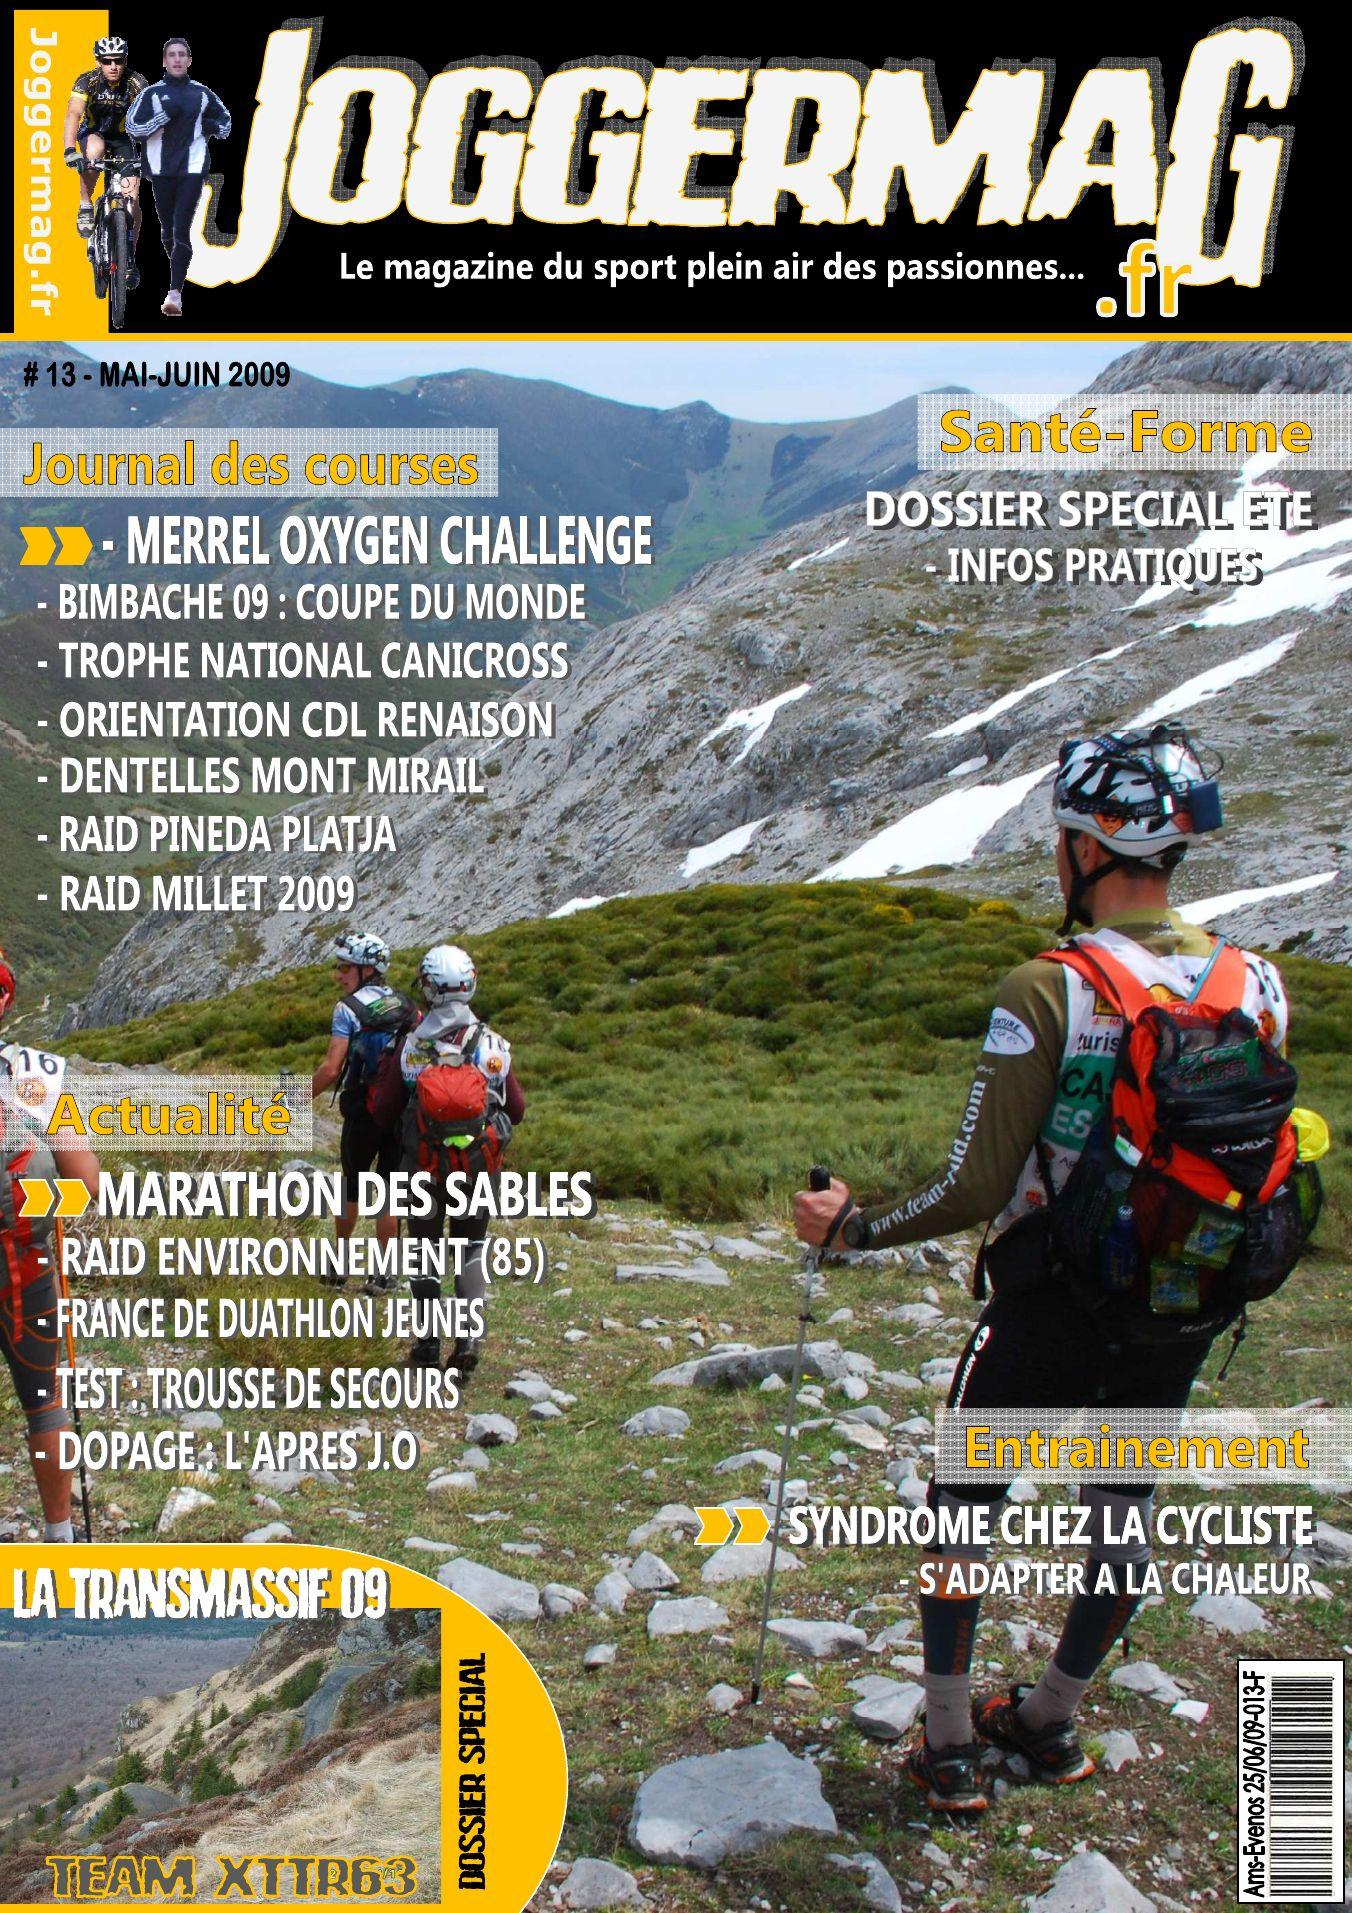 9c9c14271d7 Joggermag.fr - EDITION MAI-JUIN 2009 by Jérémy RUIZ - issuu